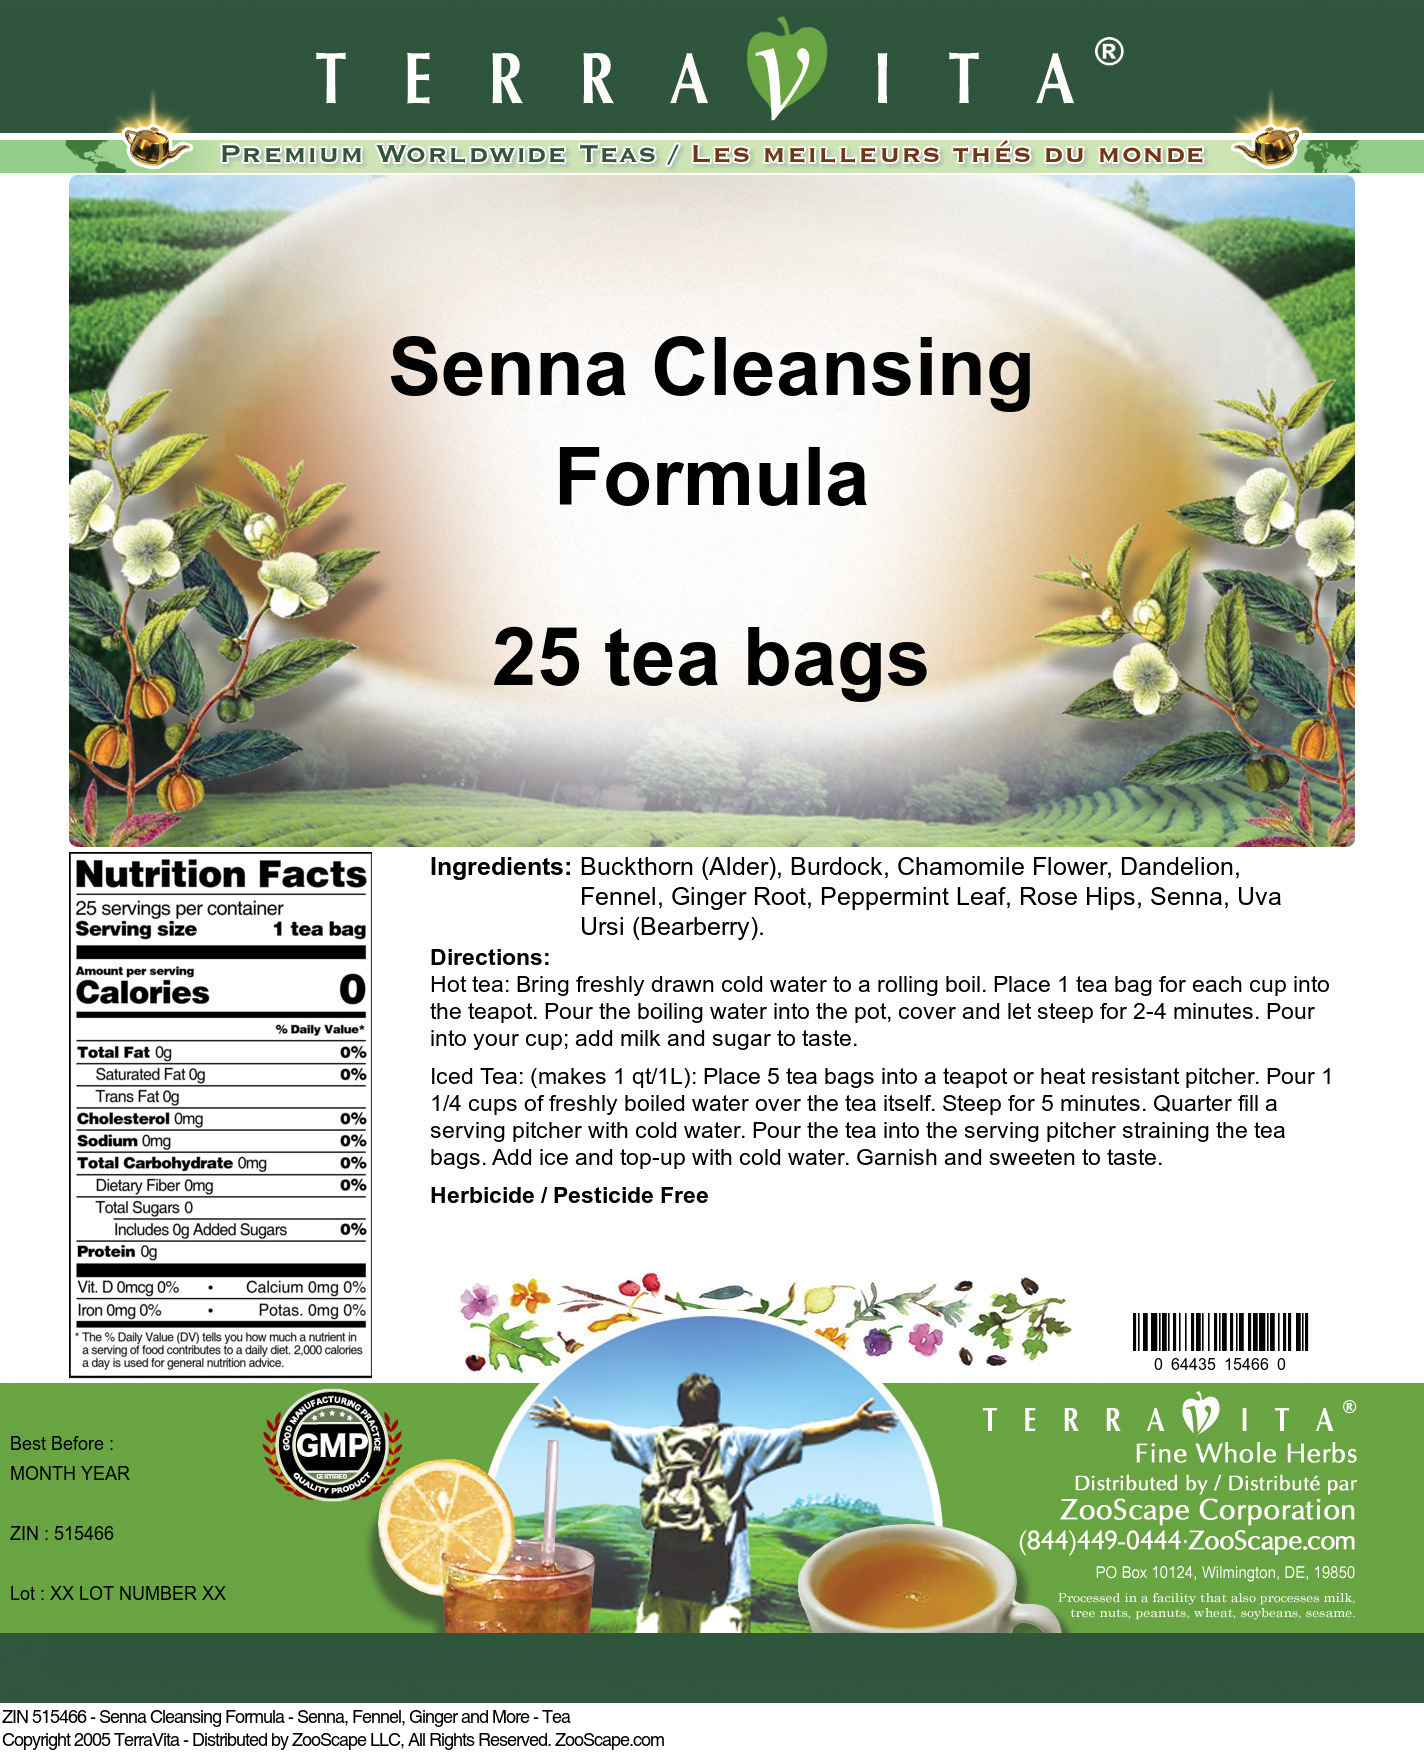 Senna Cleansing Formula - Senna, Fennel, Ginger and More - Tea